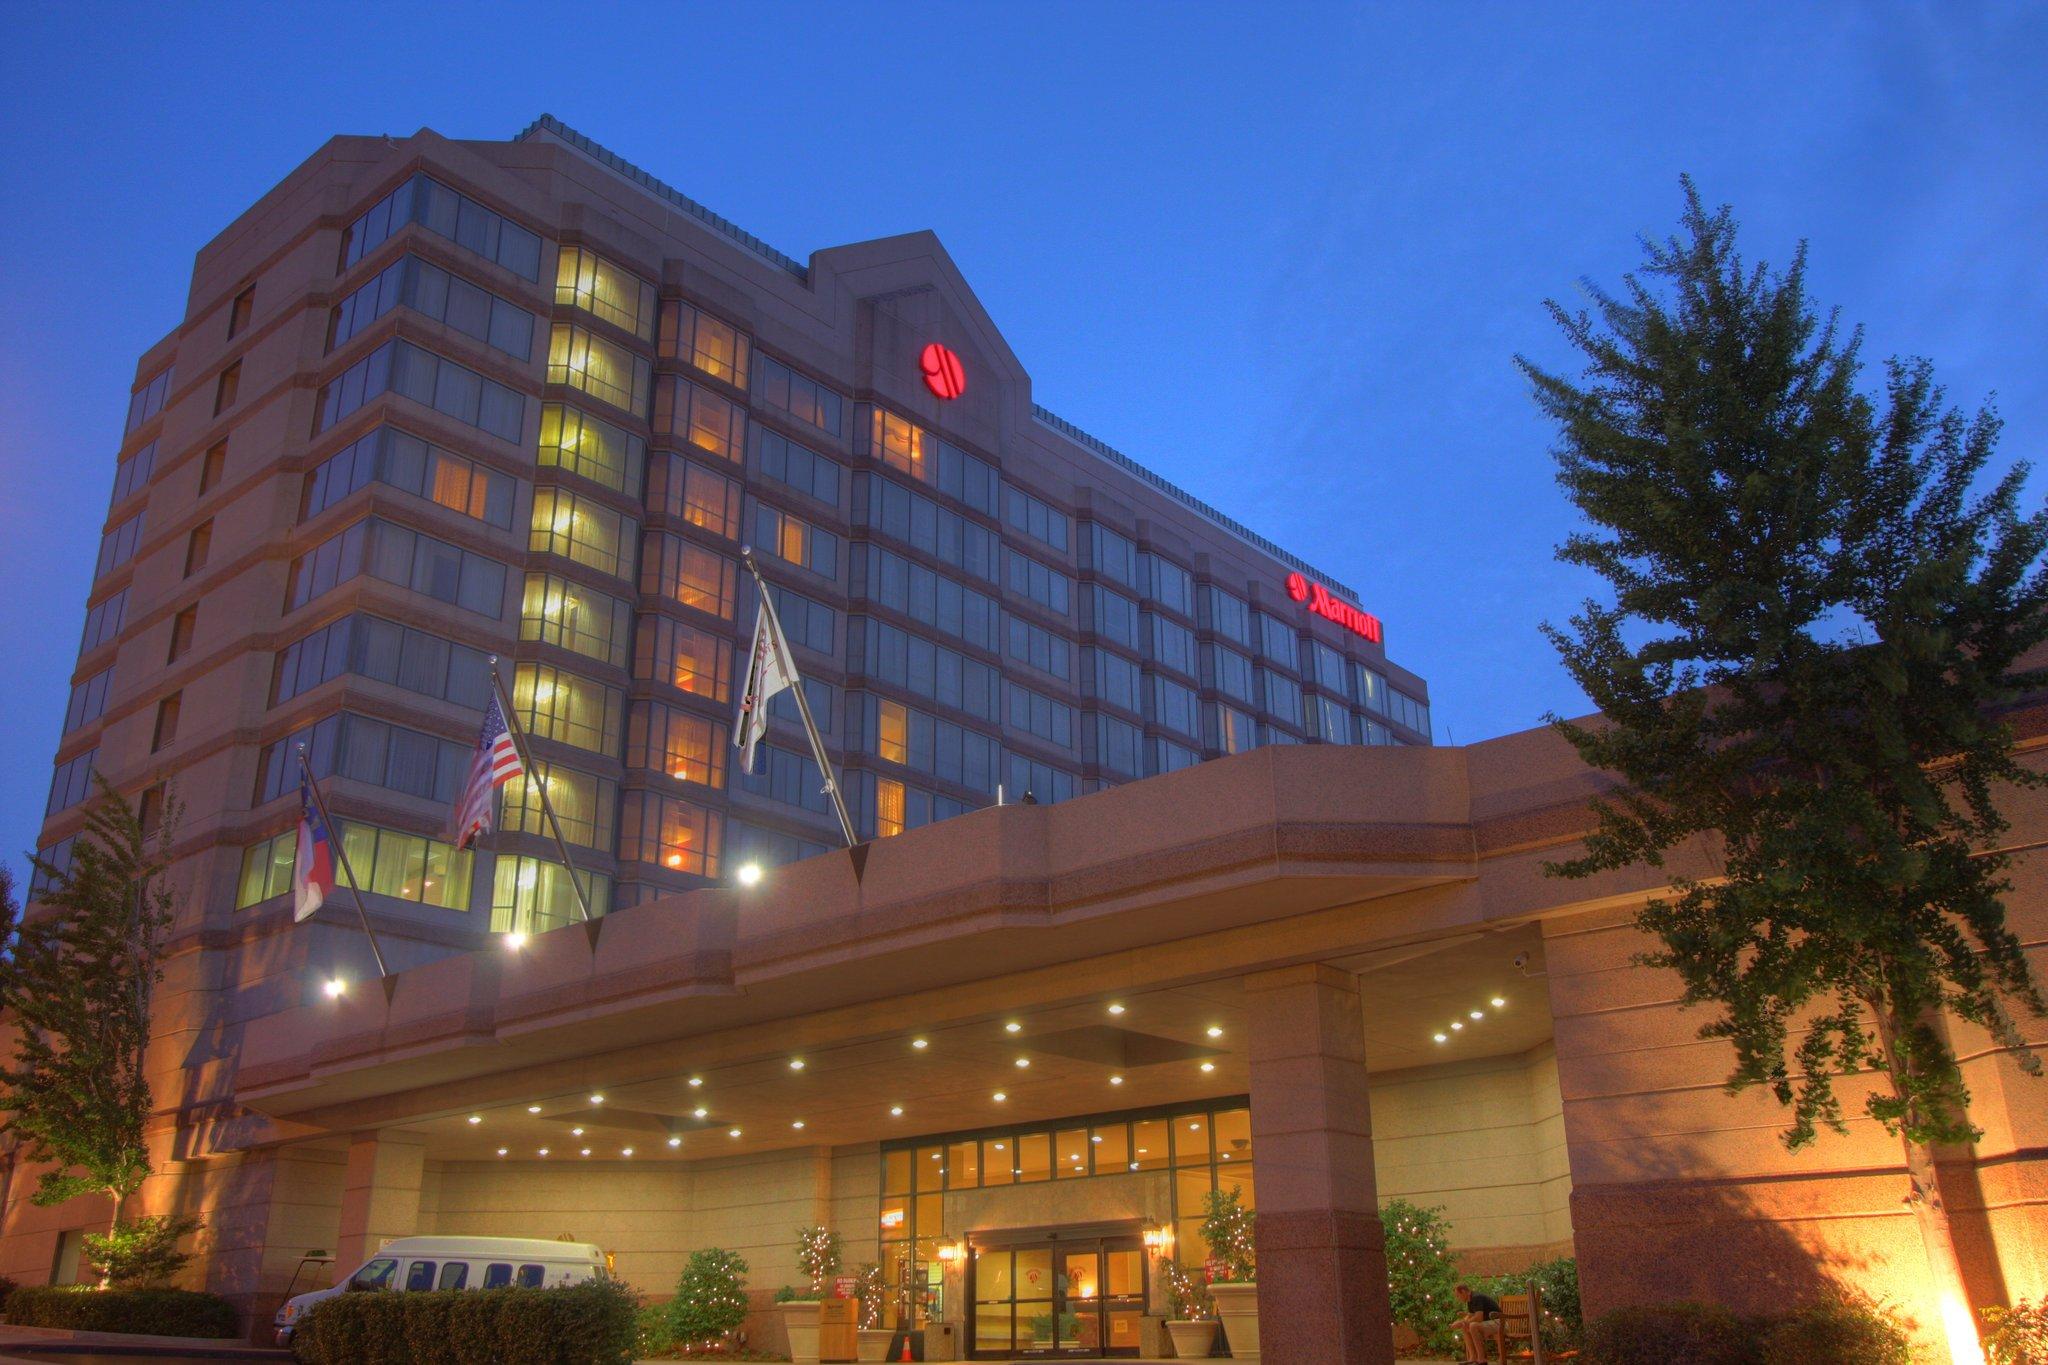 達勒姆市中心萬豪酒店